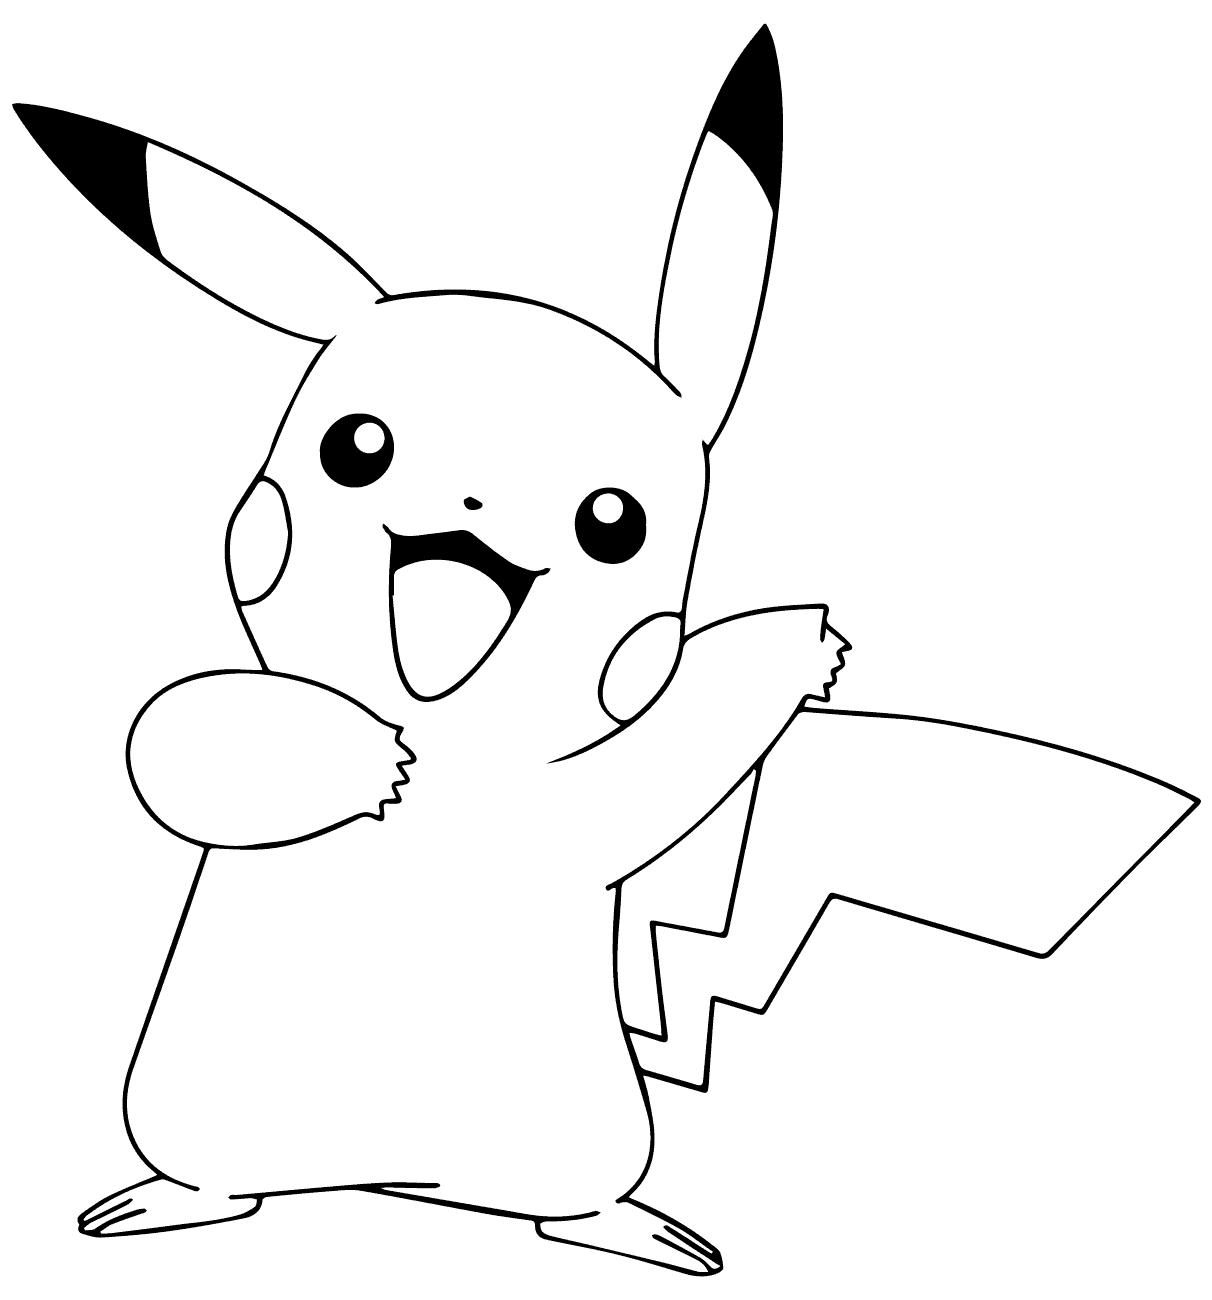 Mẫu tranh tô màu hình Pokemon đáng yêu nhất